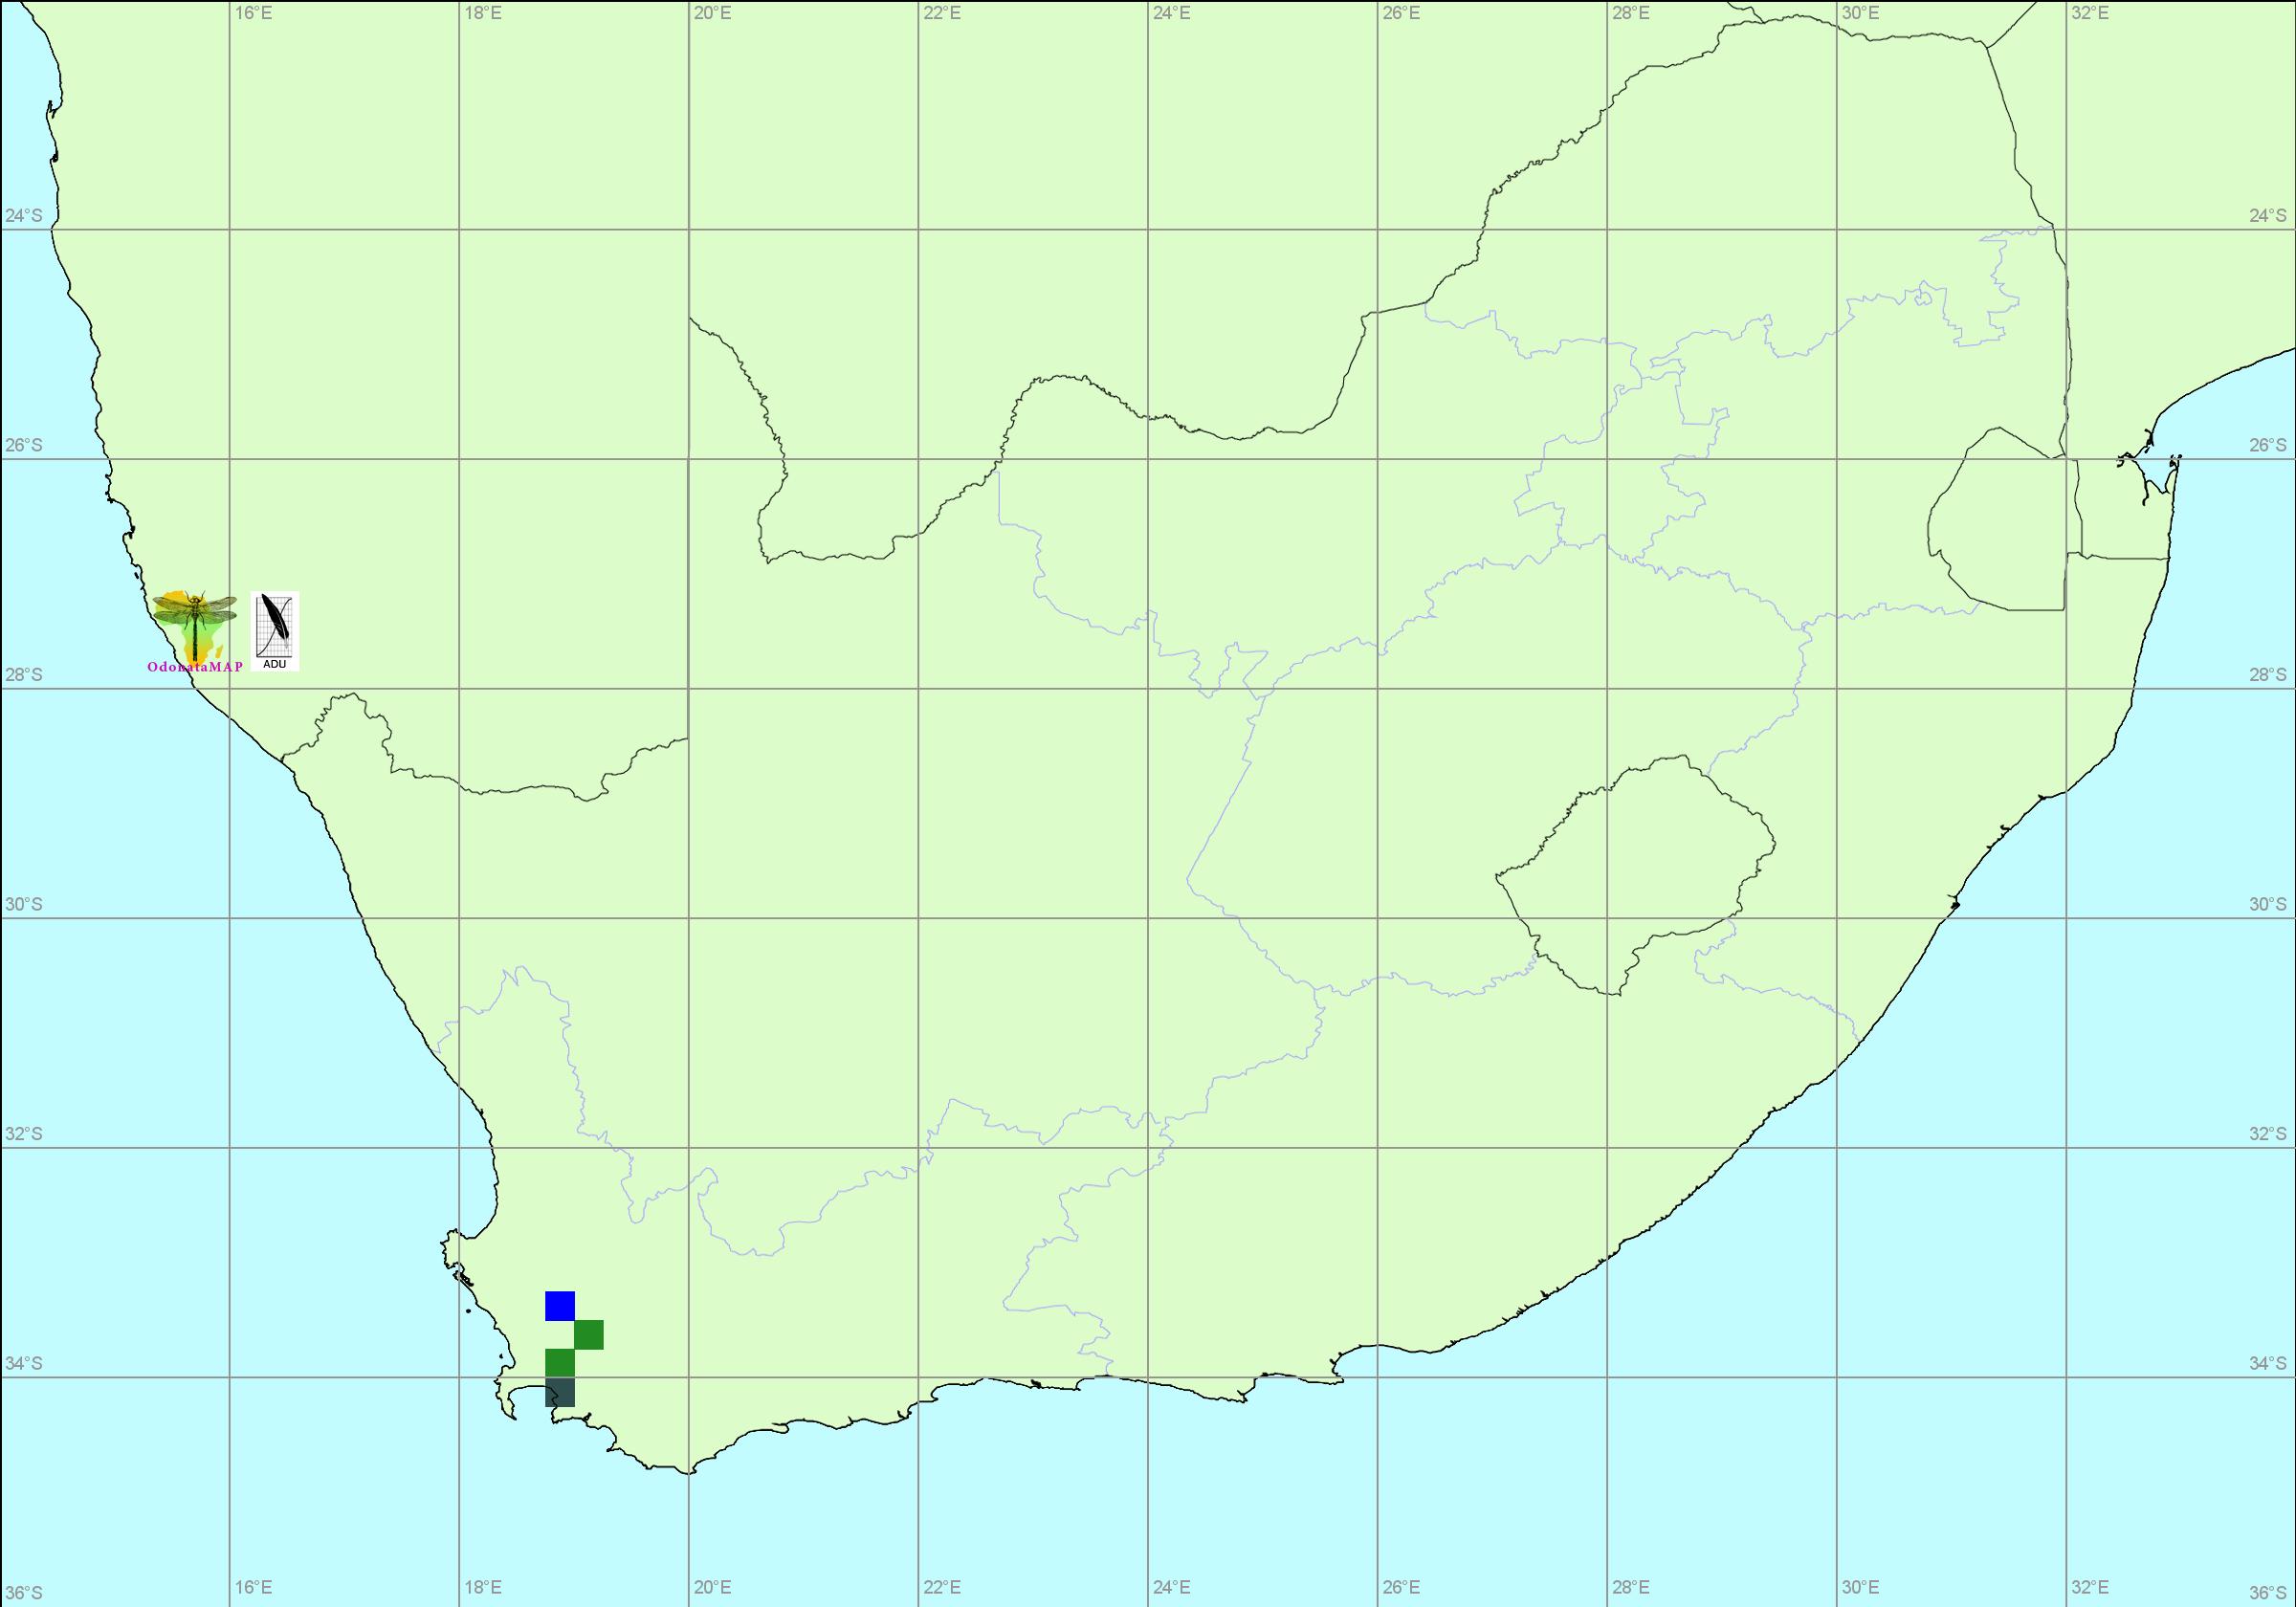 http://vmus.adu.org.za/vm_map_afr.php?&database=odonata&grid=2&outline=1&key=0&map=3&spp=666290